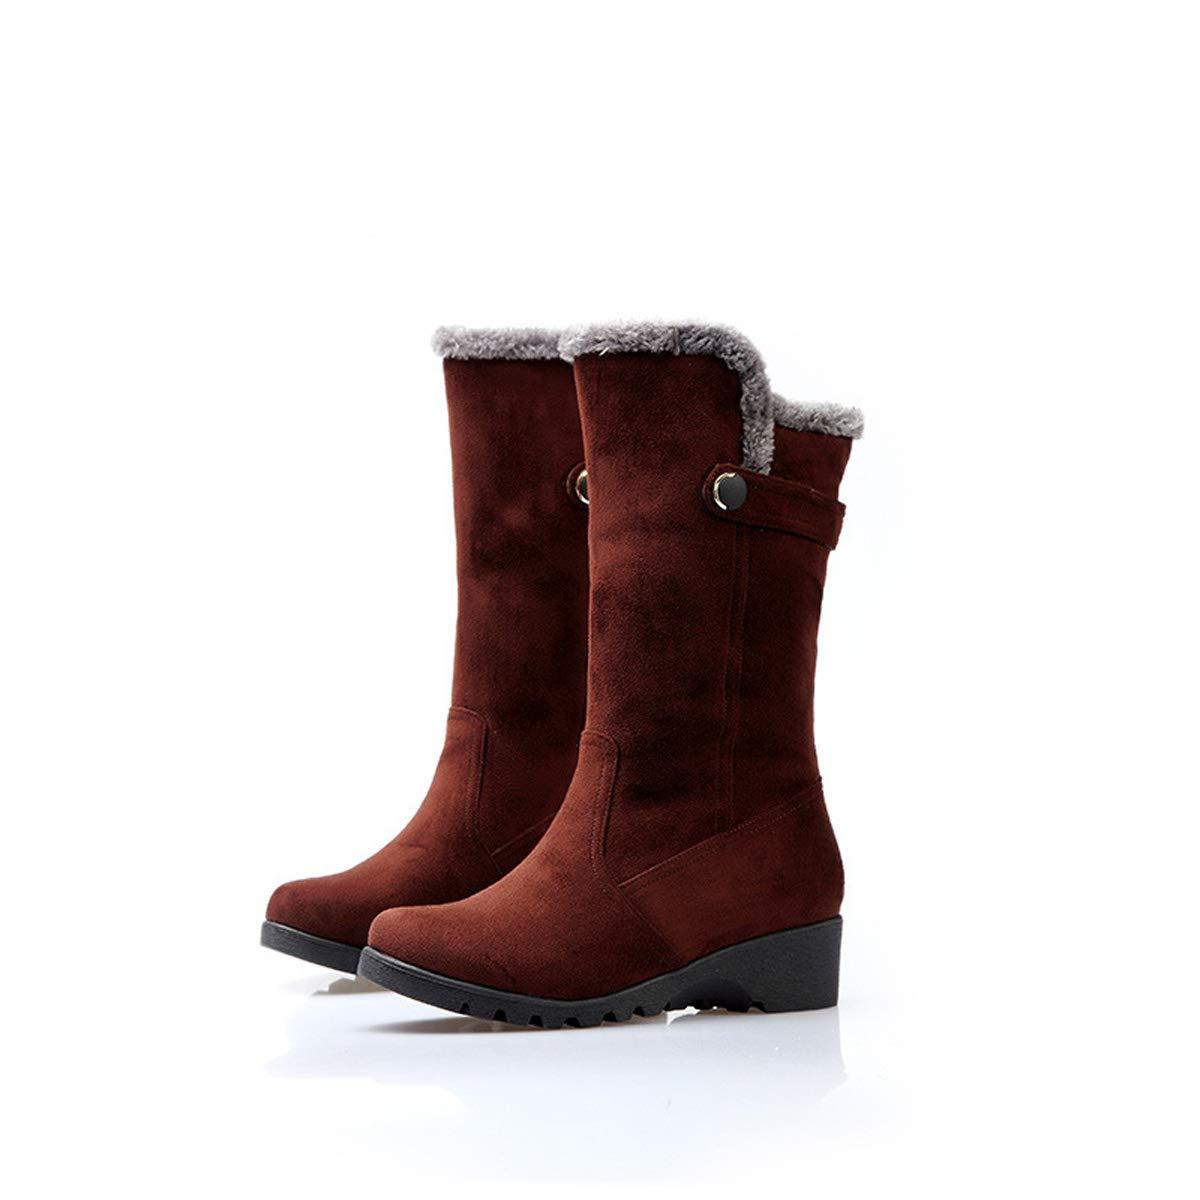 DANDANJIE Damen Stiefel Winter warm weich Mitte der Wade Reitstiefel Slip On Keilabsatz Outdoor Schuhe (Schwarz Braun),B,35EU